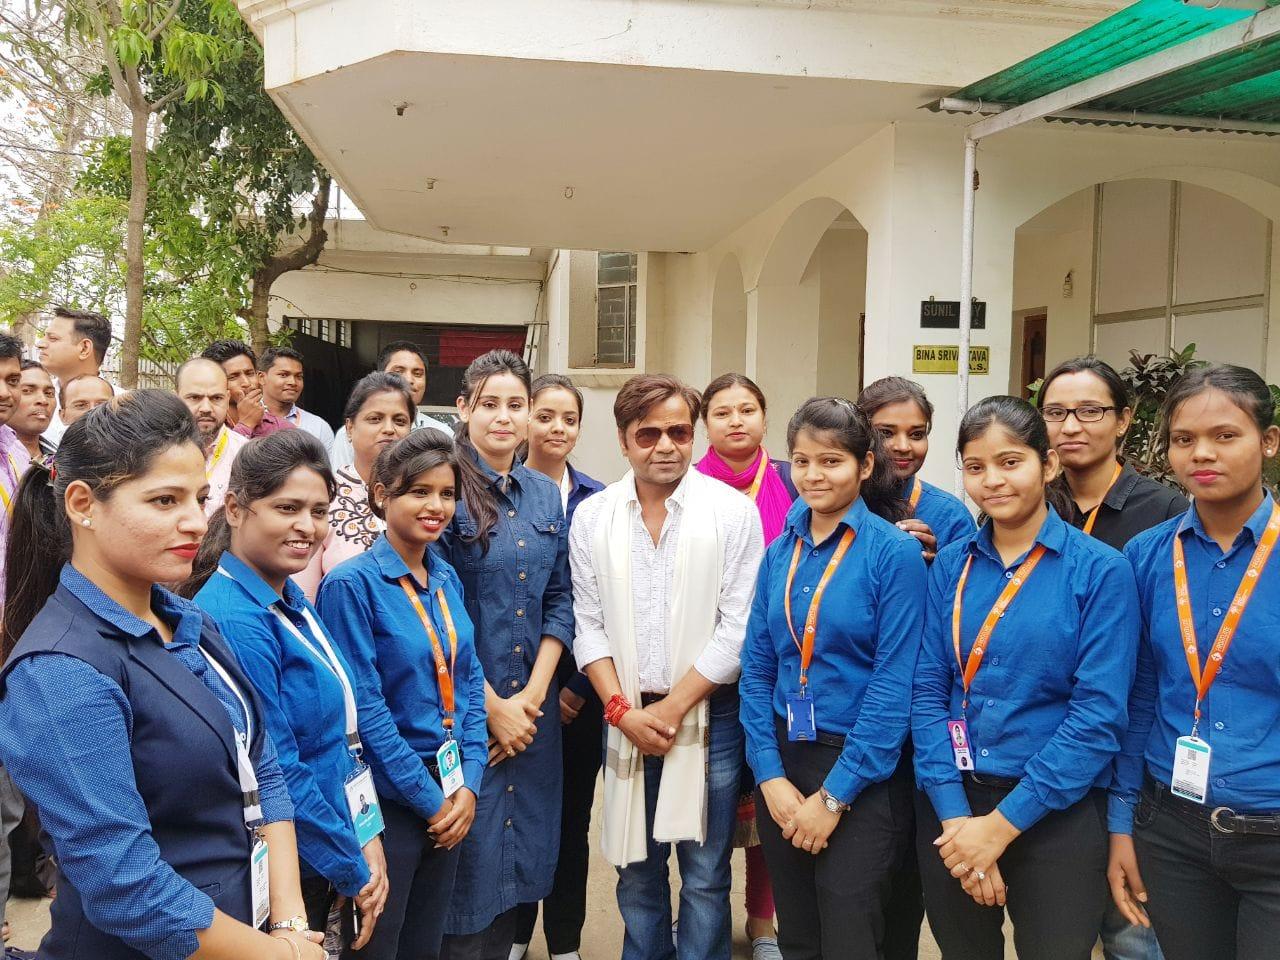 <p>आज राजपाल यादव ने कौशल विकाश का कार्य करने वाली संस्था frontline global services के प्रादेशिक दफ़्तर में कौशल विकाश के कार्यकर्ताओं को सम्बोधित किया ! बेहद ही उमदा तरीक़े से उन्होंने&#8230;